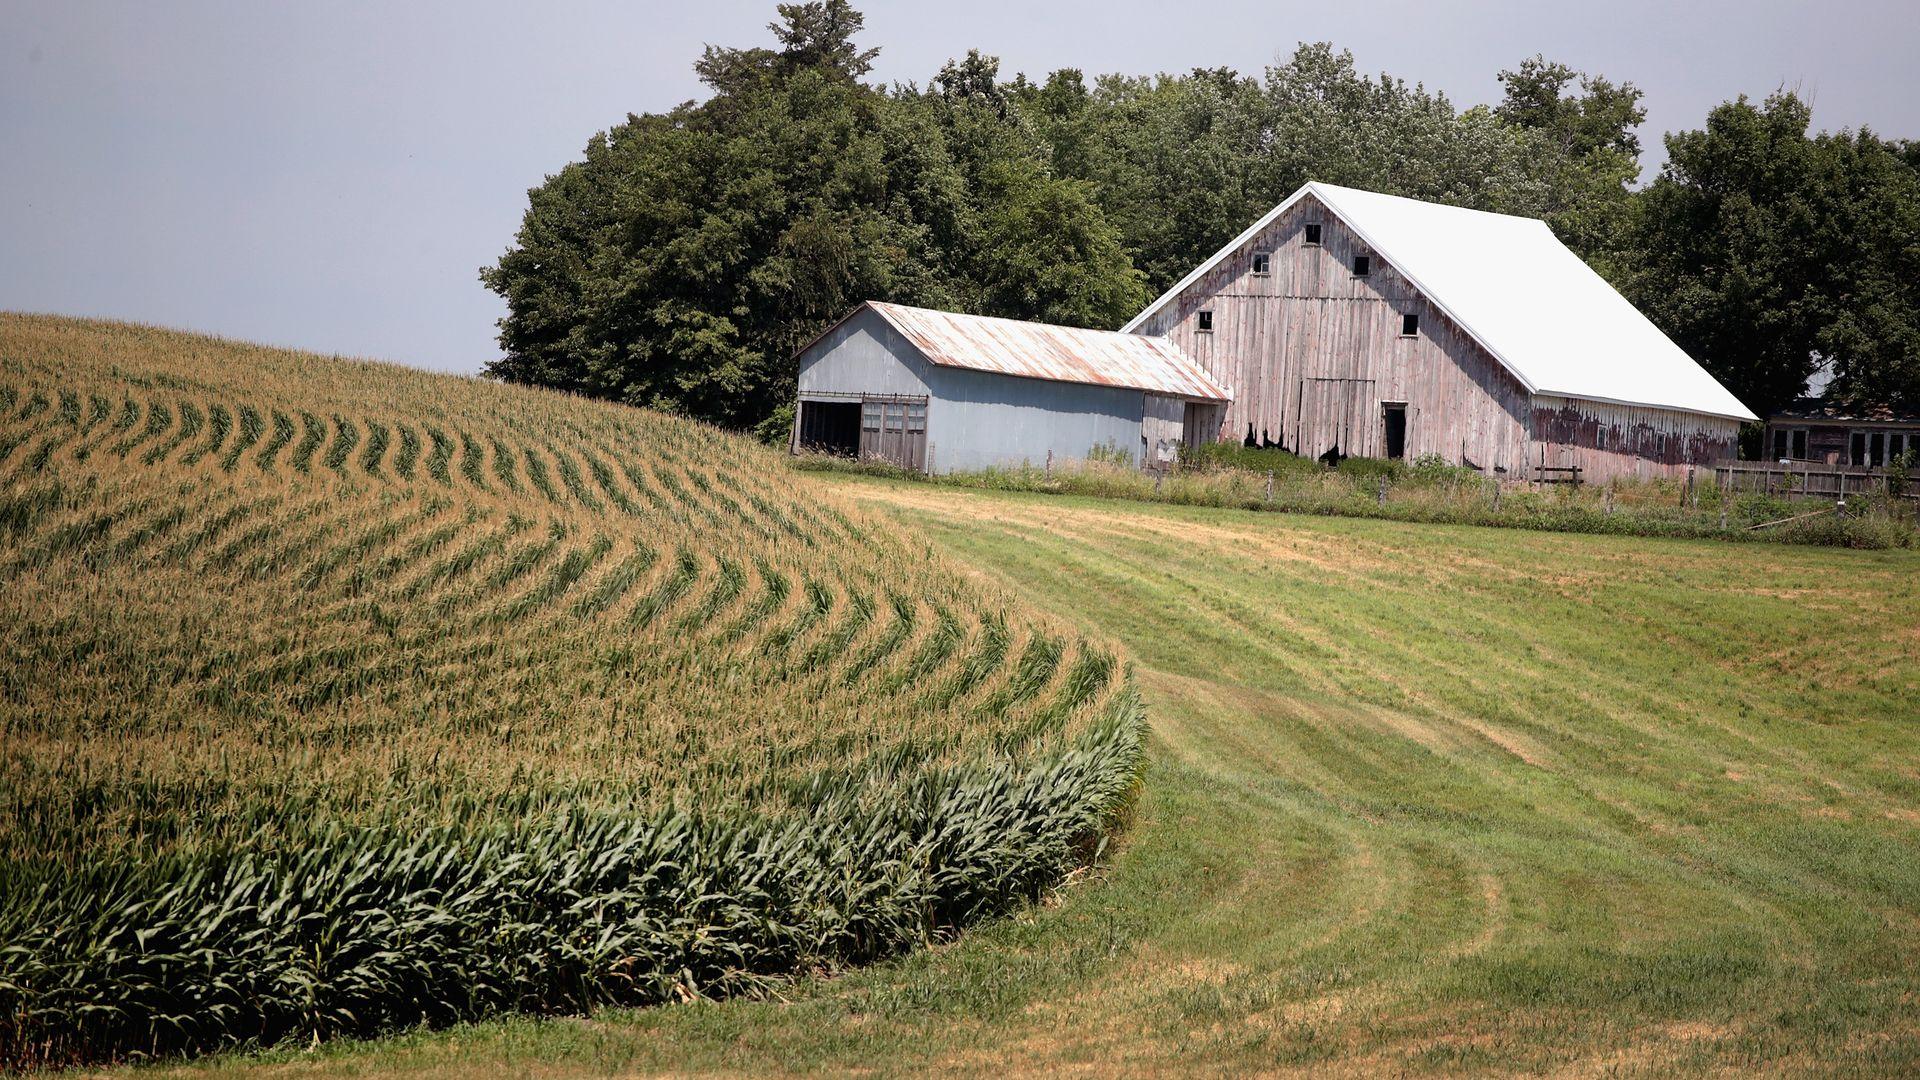 A small family farm in Iowa